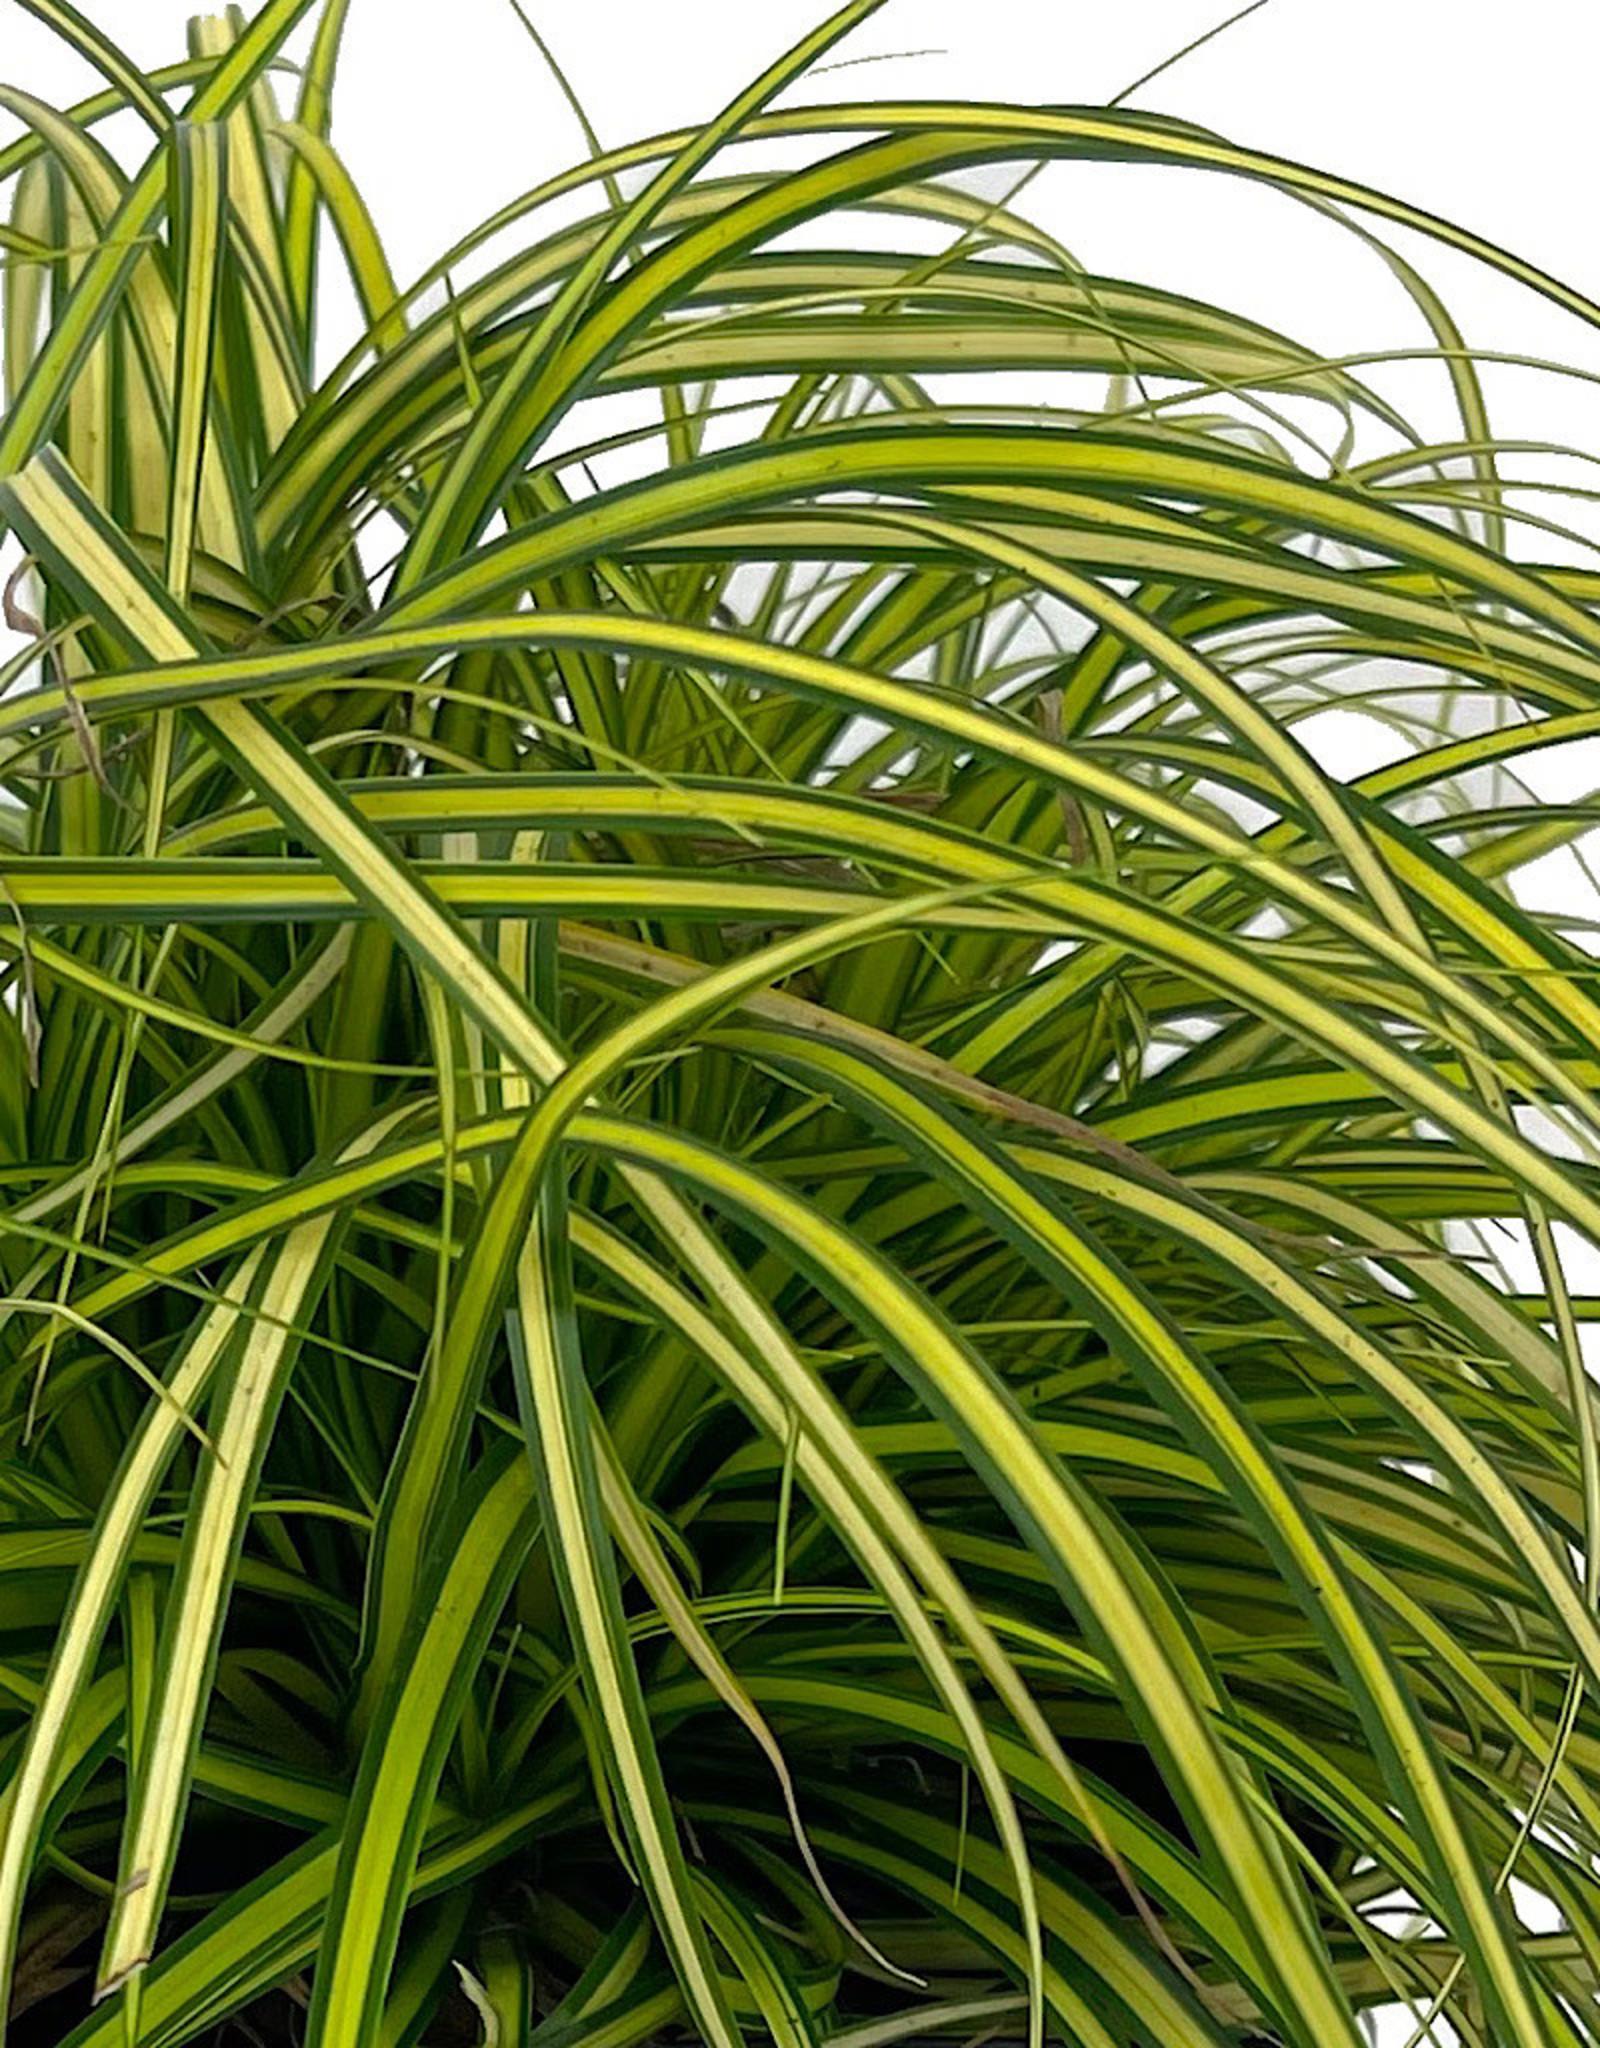 Carex oshimensis 'EverColor Eversheen' 1 Gallon